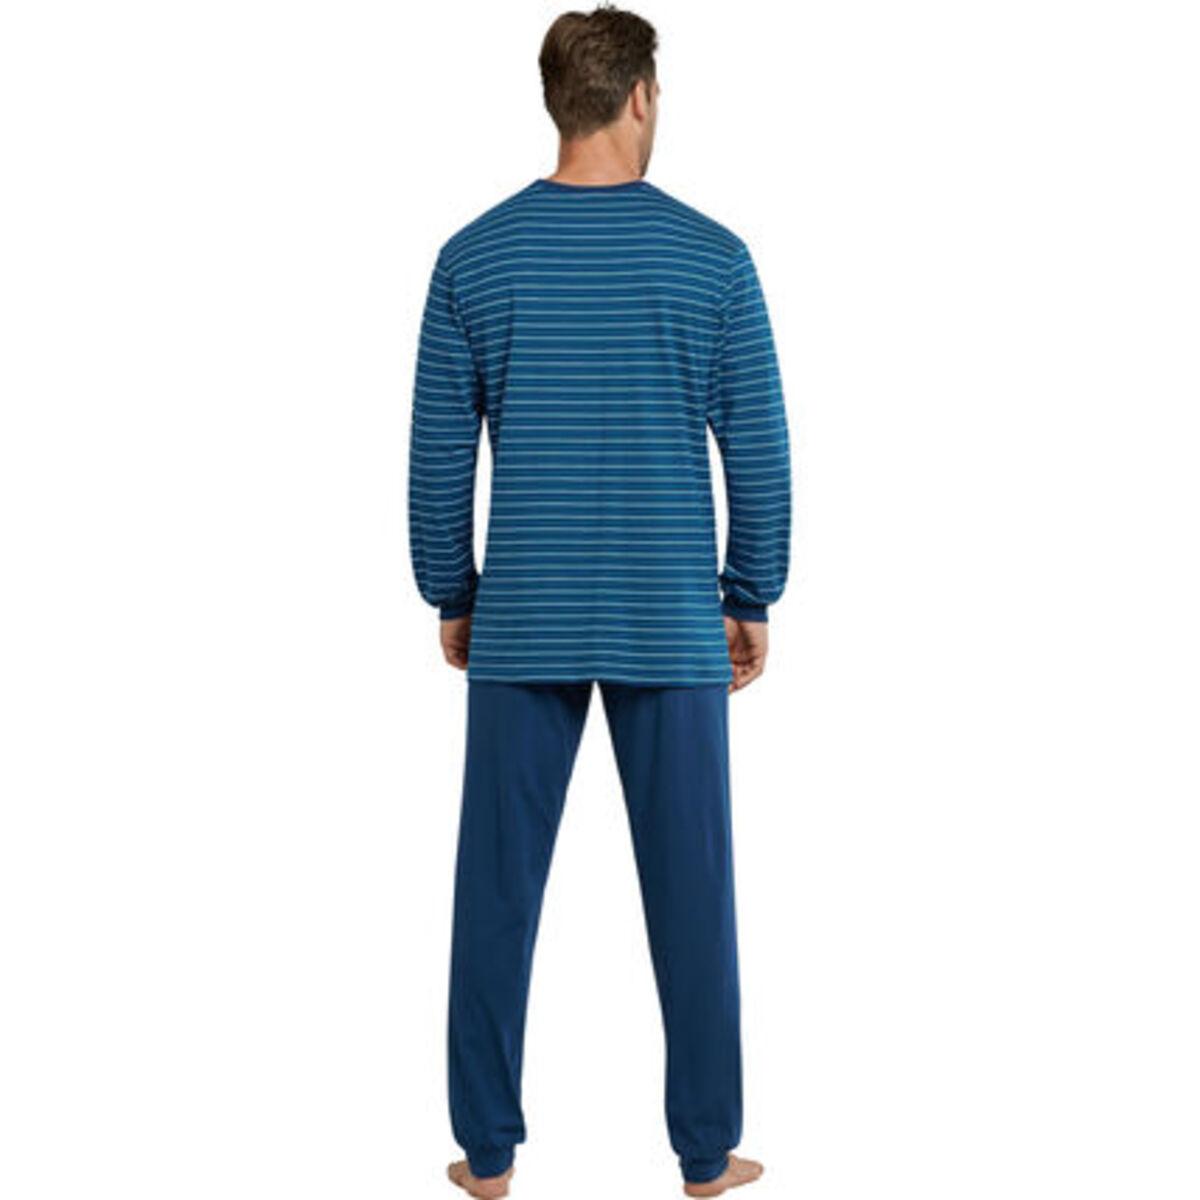 Bild 2 von Schiesser Schlafanzug, Ringelshirt, Baumwolle, für Herren